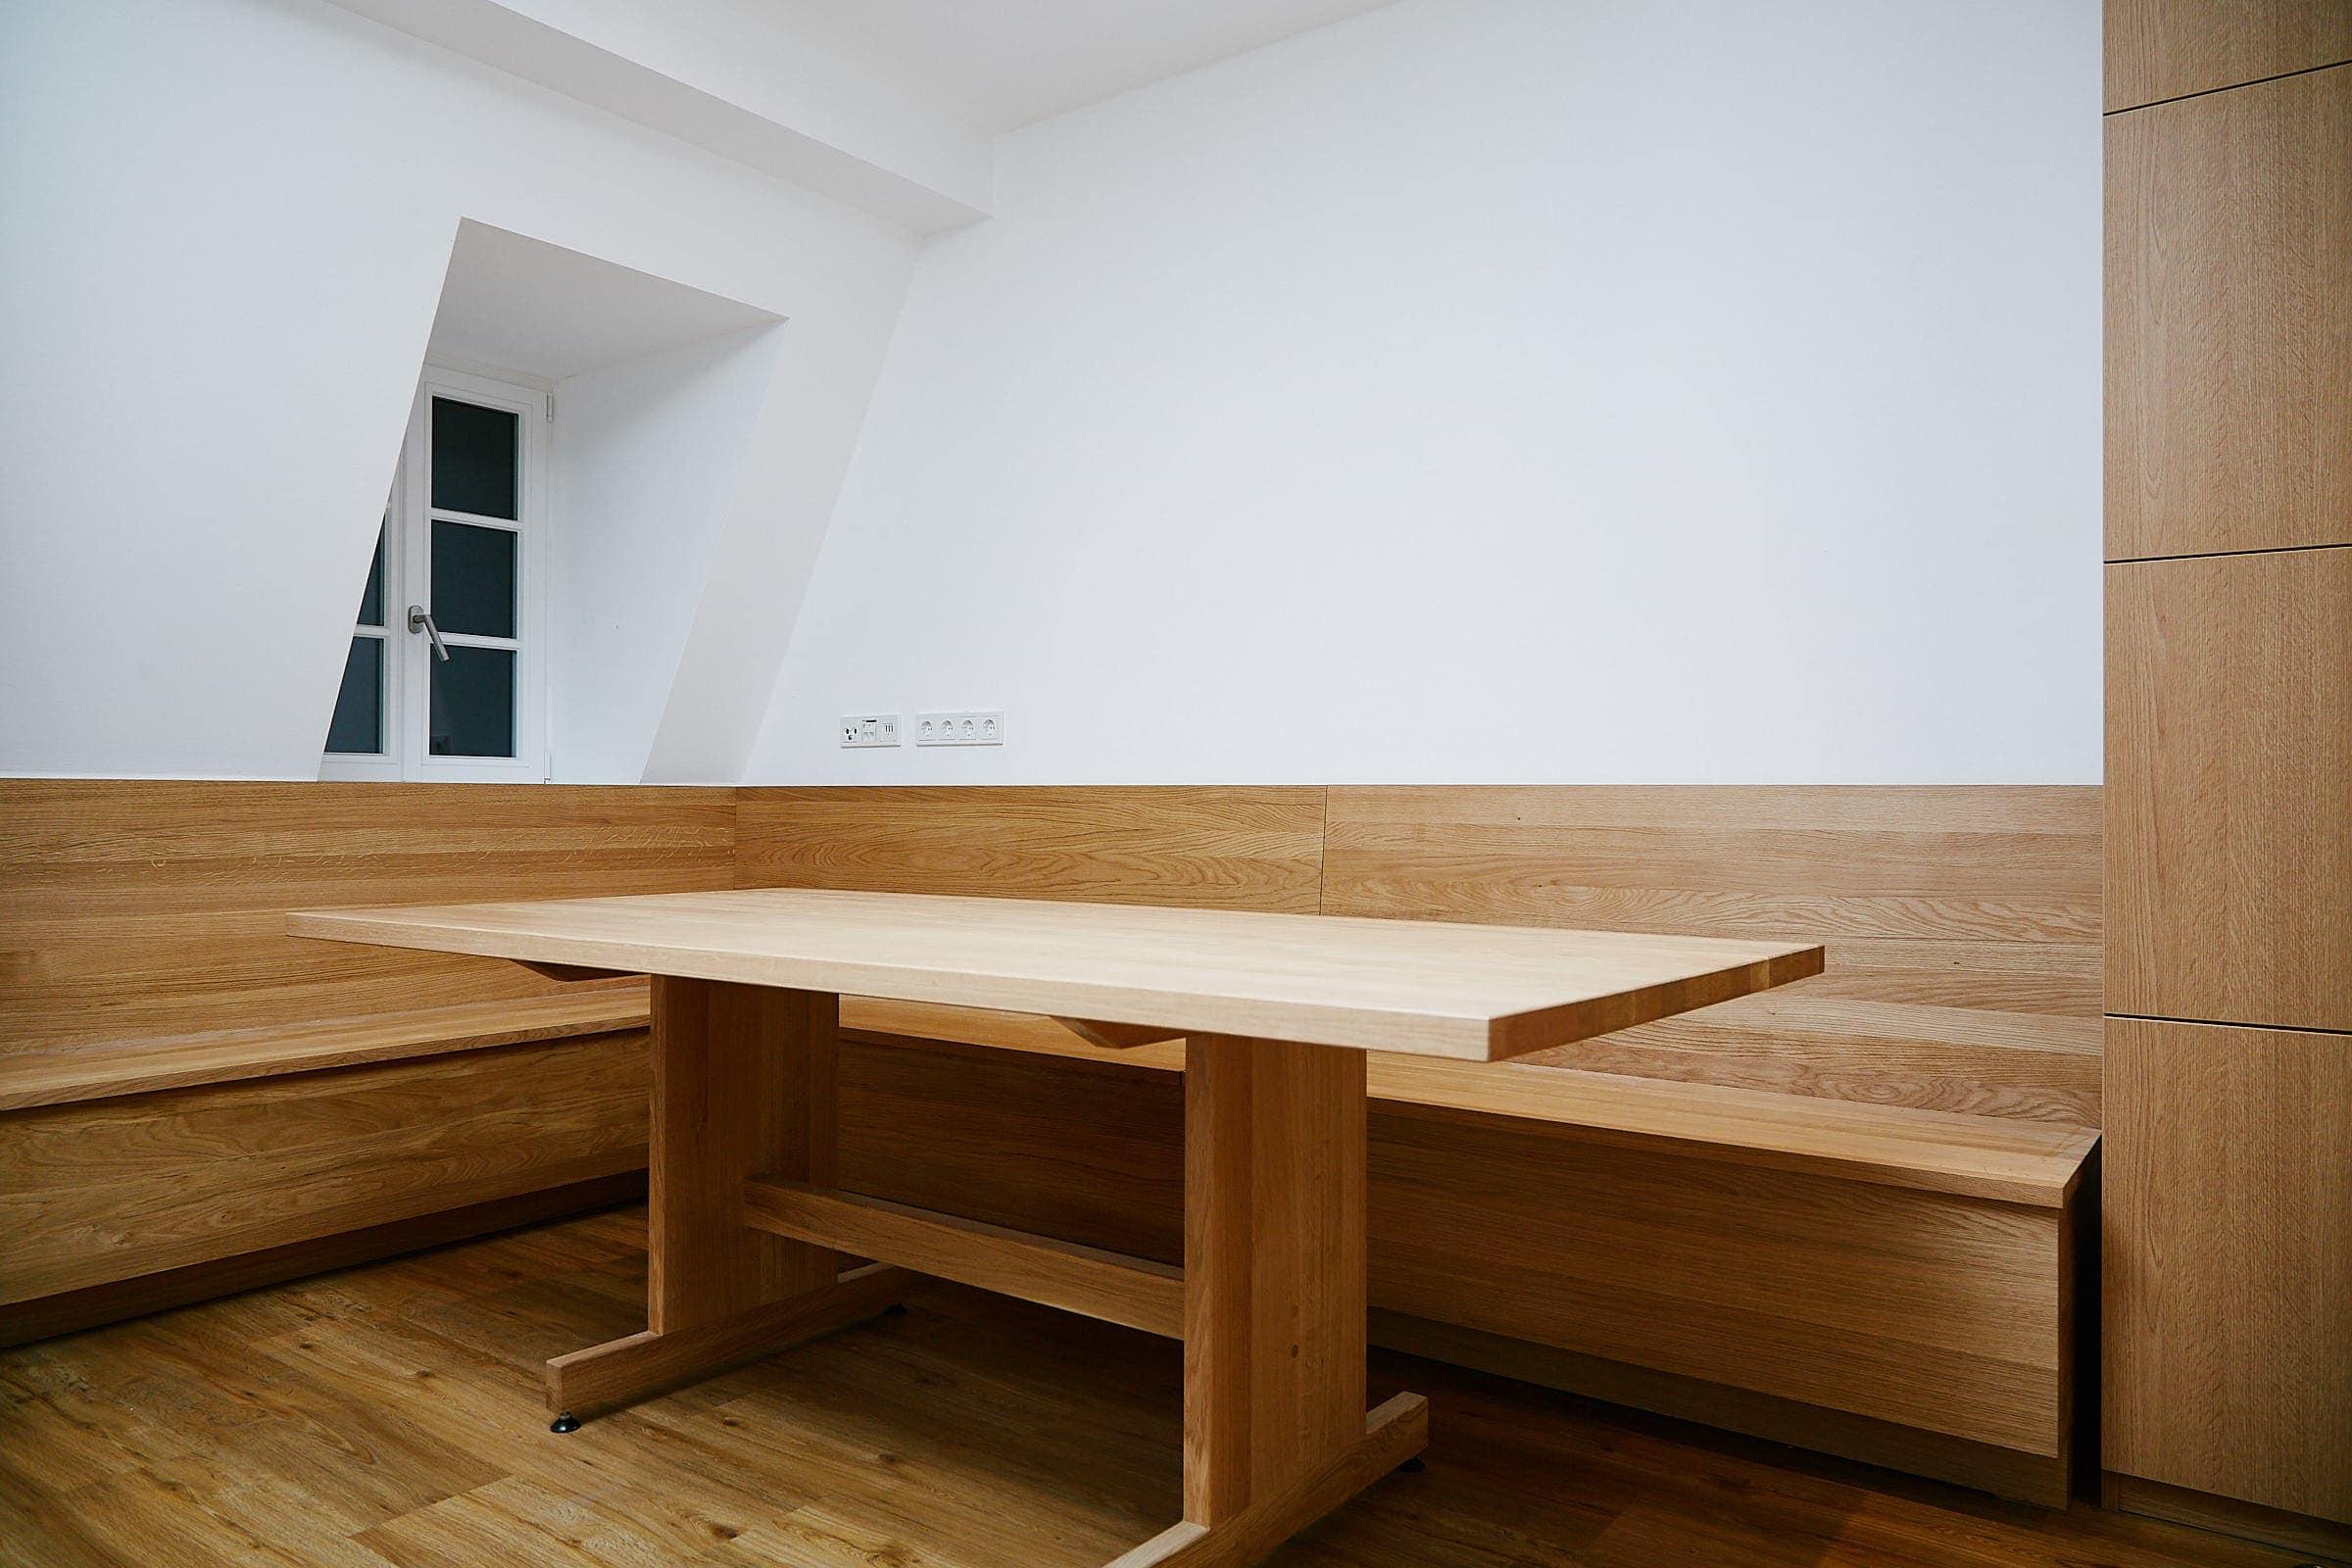 Holzmöbel in einer modernen Küche